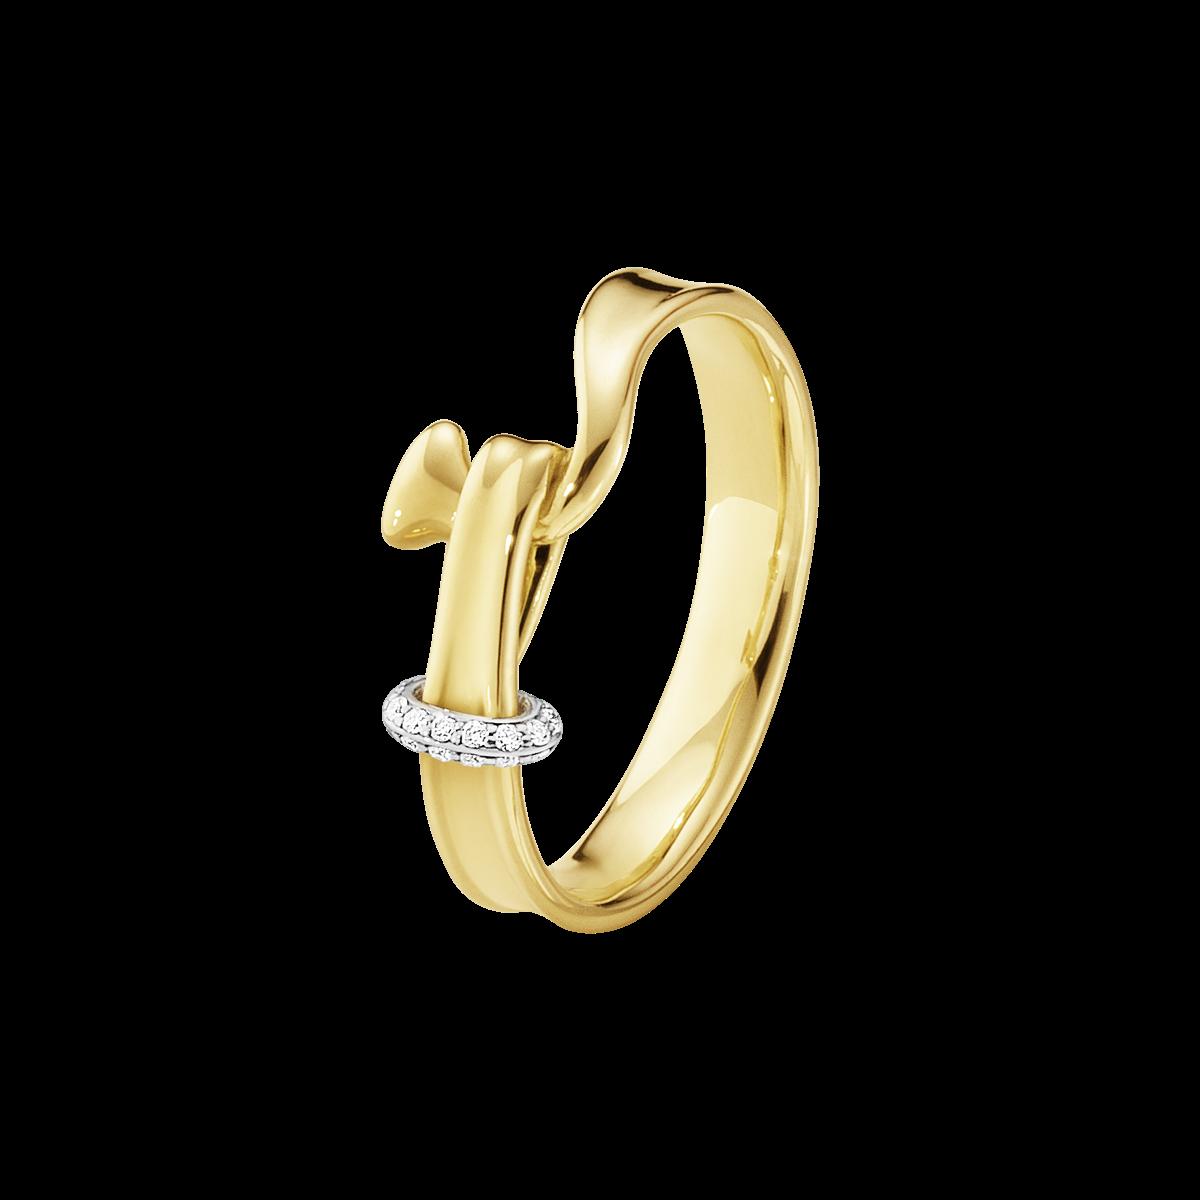 Georg Jensen Torun 18 Karat Guld Ring med Brillanter